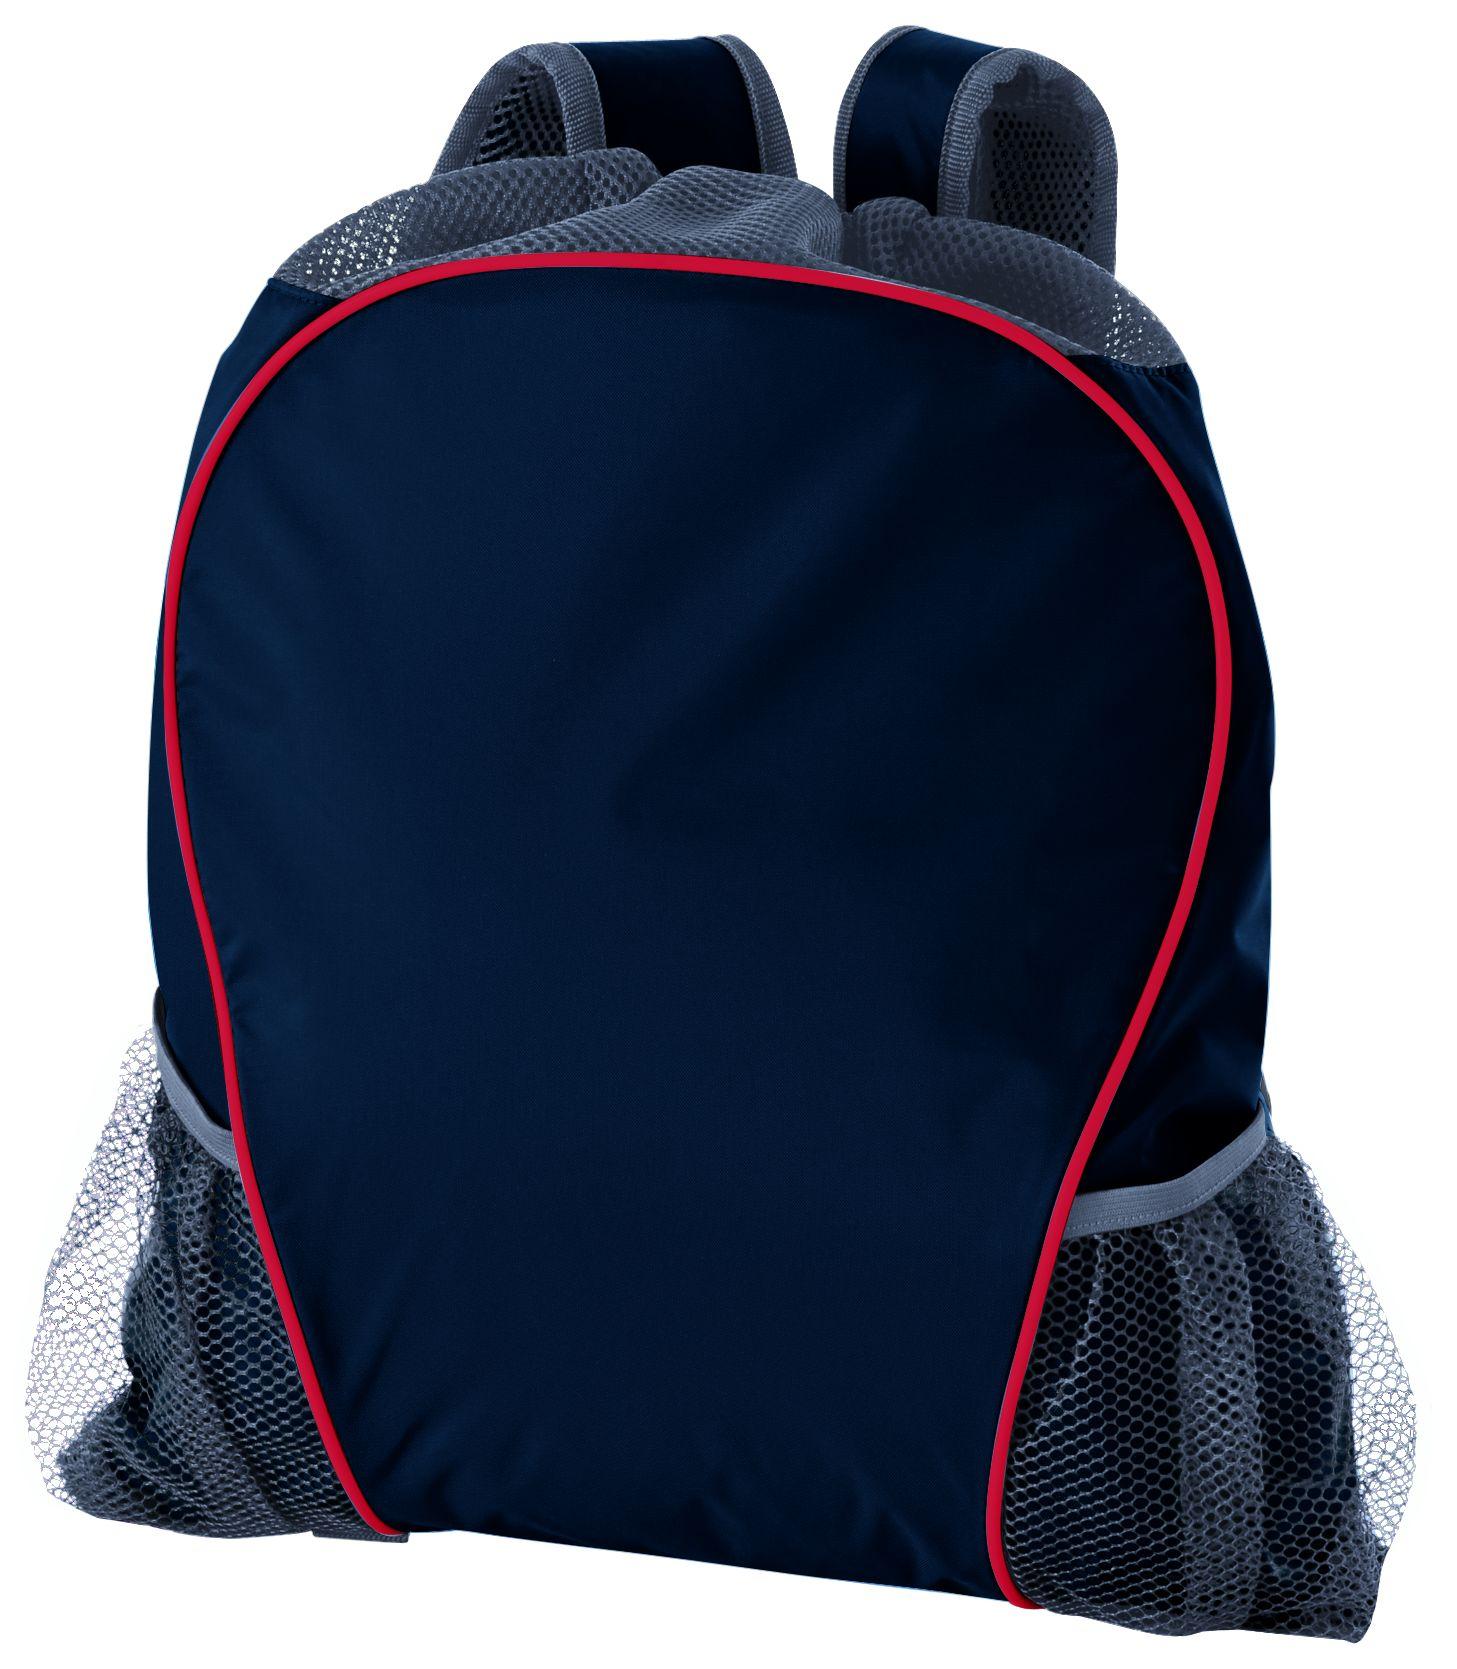 Rig Bag - NAVY/GRAPHITE/SCARLET